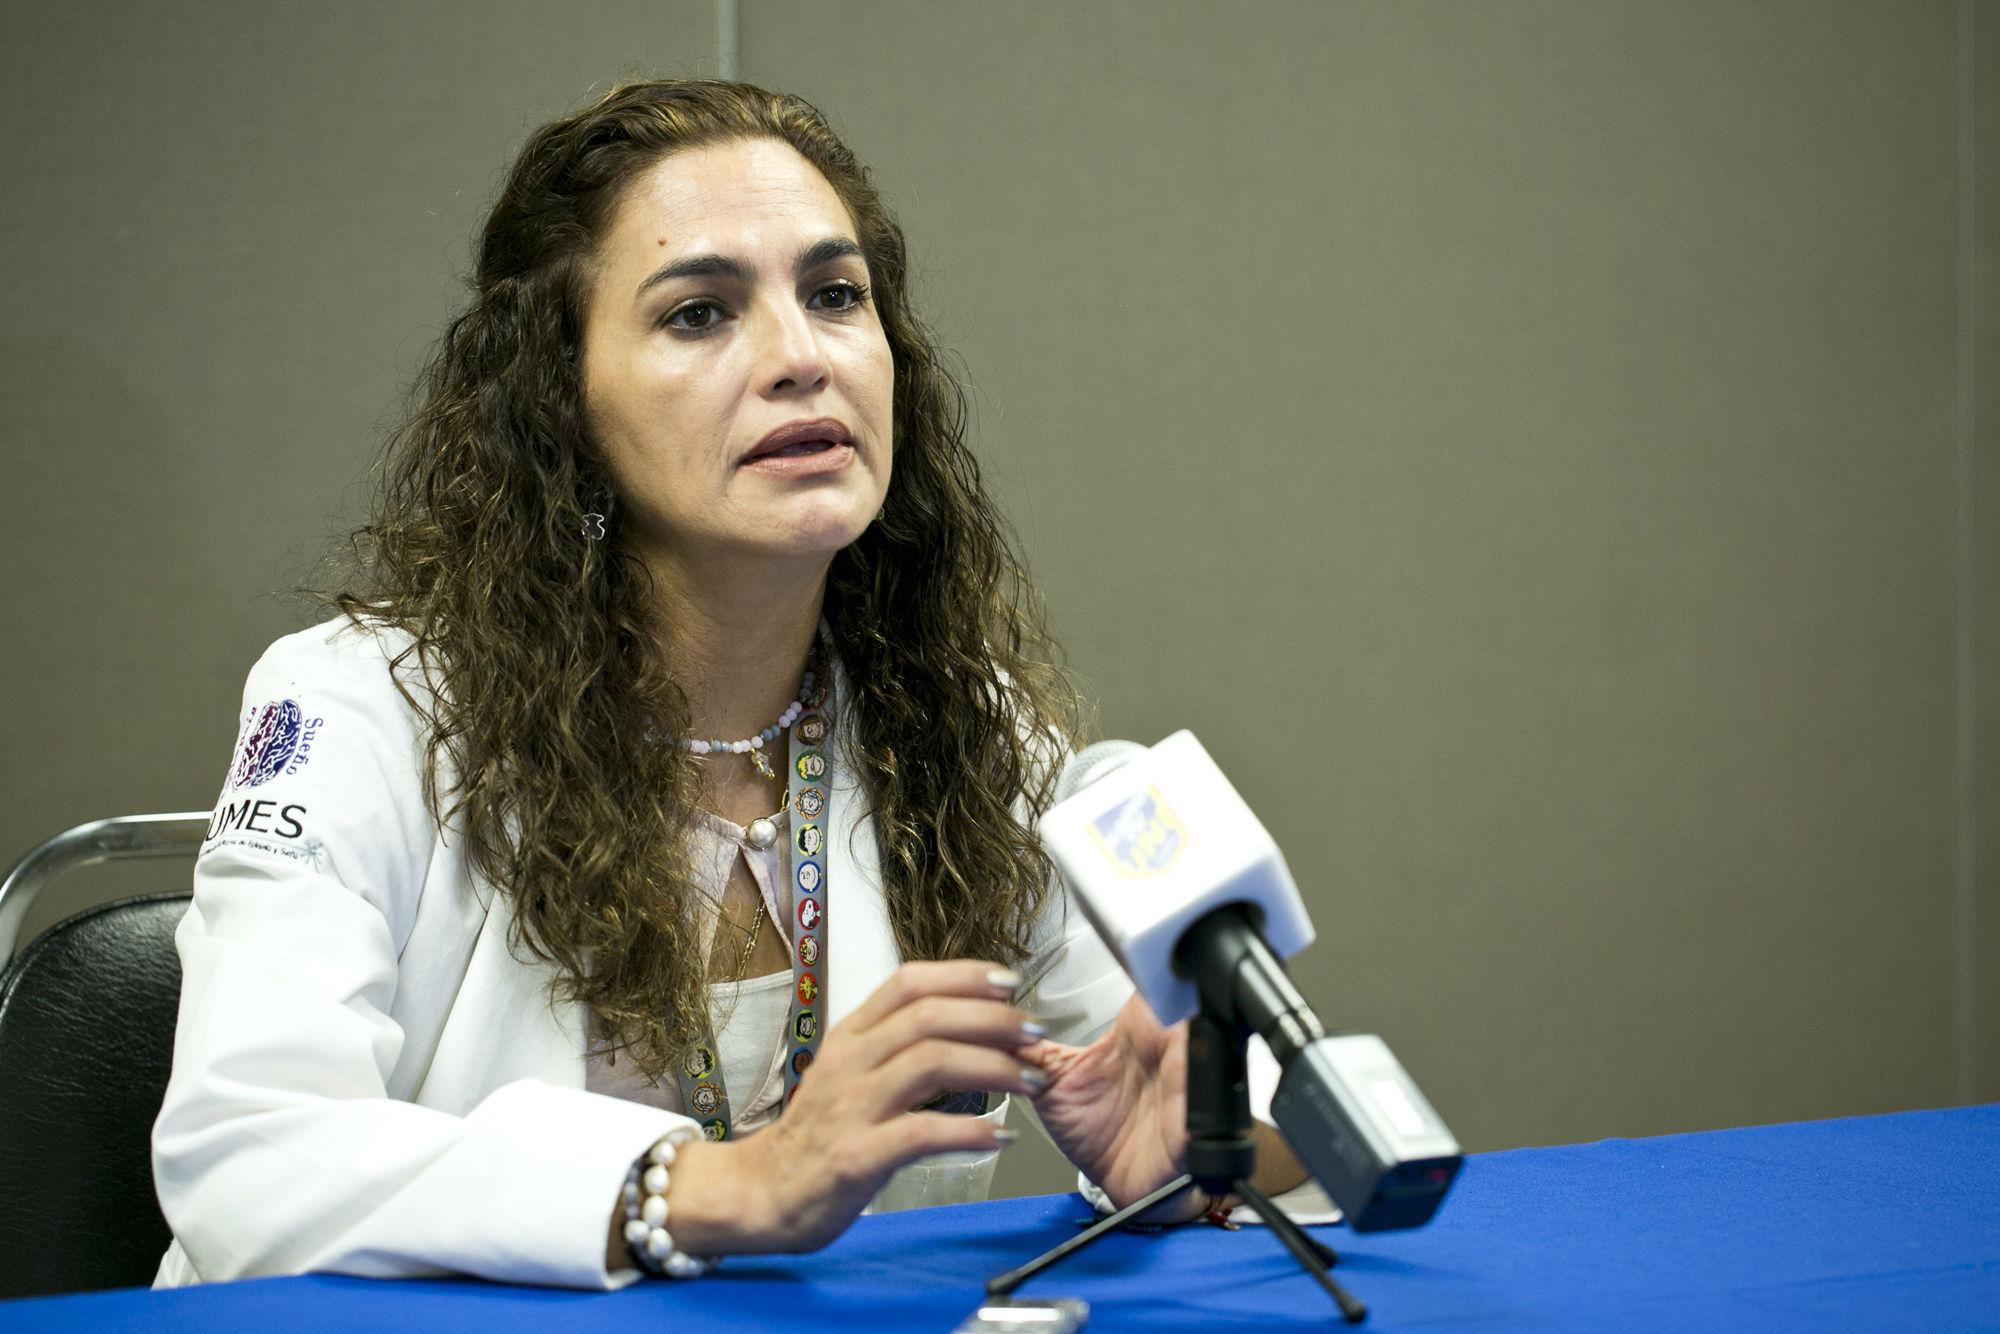 Beatriz Chávez Luévanos, Jefa del Servicio de Neurología del Hospital Univeristario